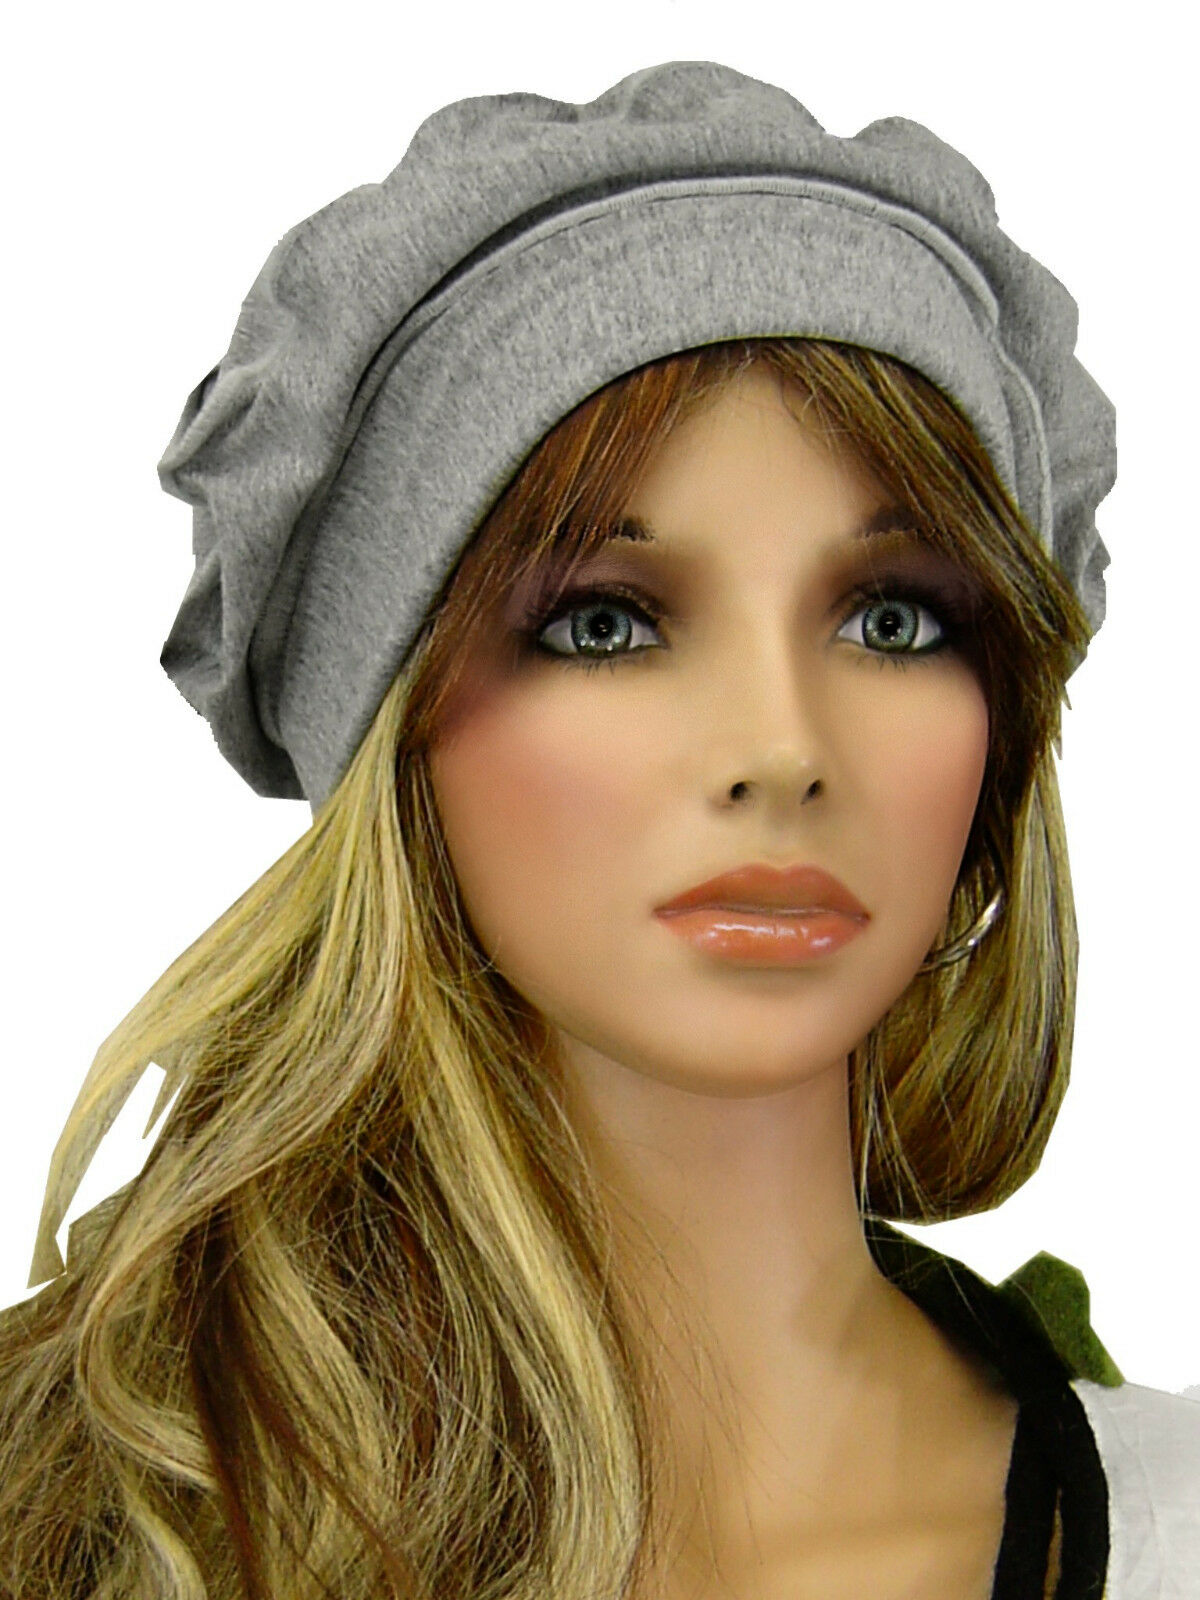 PoCo DeSiGn° LAGENLOOK Sommer-Mütze Beanie Slouch Chemo-Cap Edel-Jersey schwarz